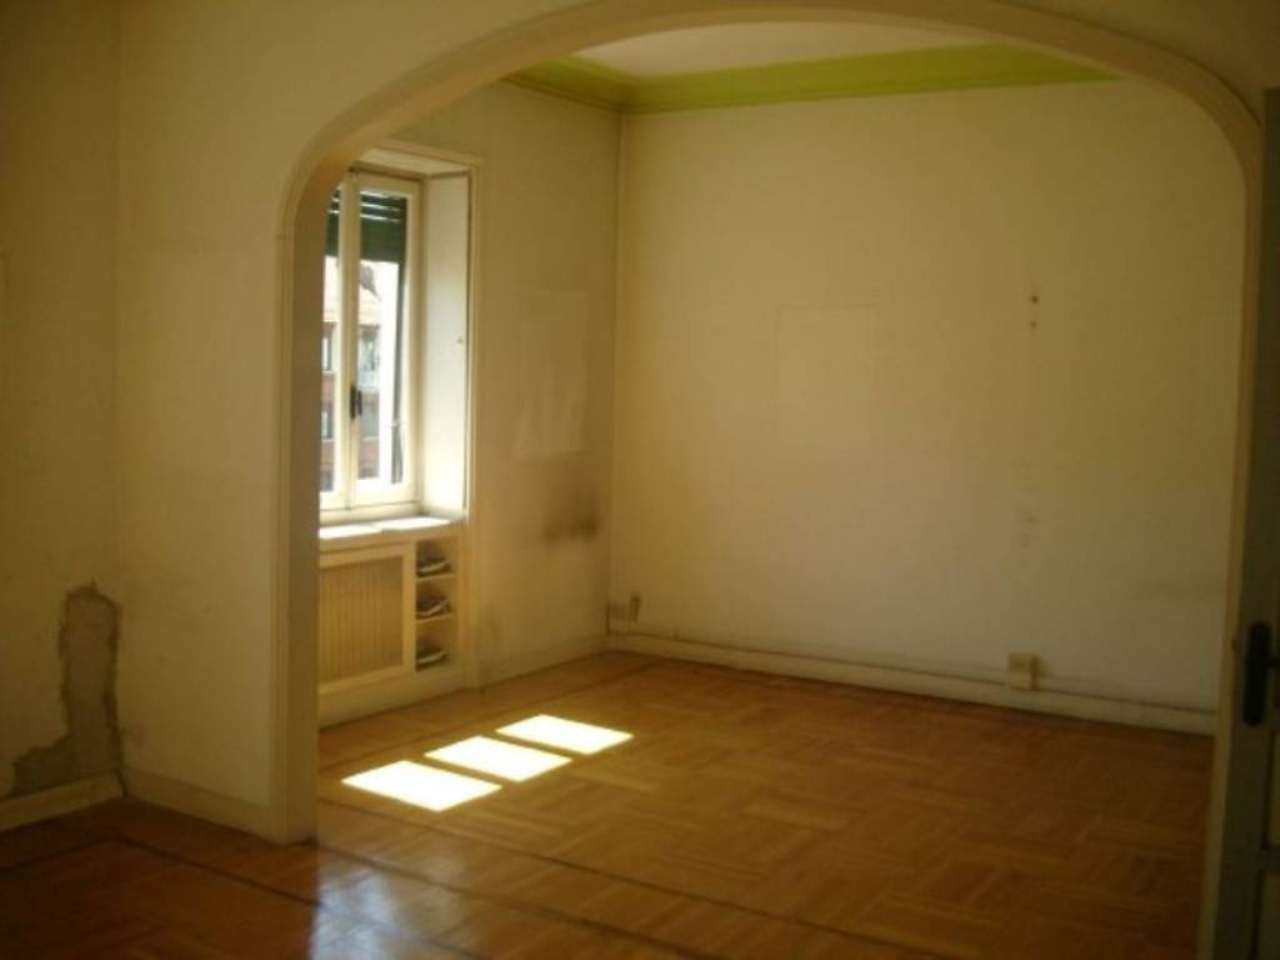 Ufficio / Studio in affitto a Torino, 6 locali, zona Zona: 2 . San Secondo, Crocetta, prezzo € 1.500 | CambioCasa.it